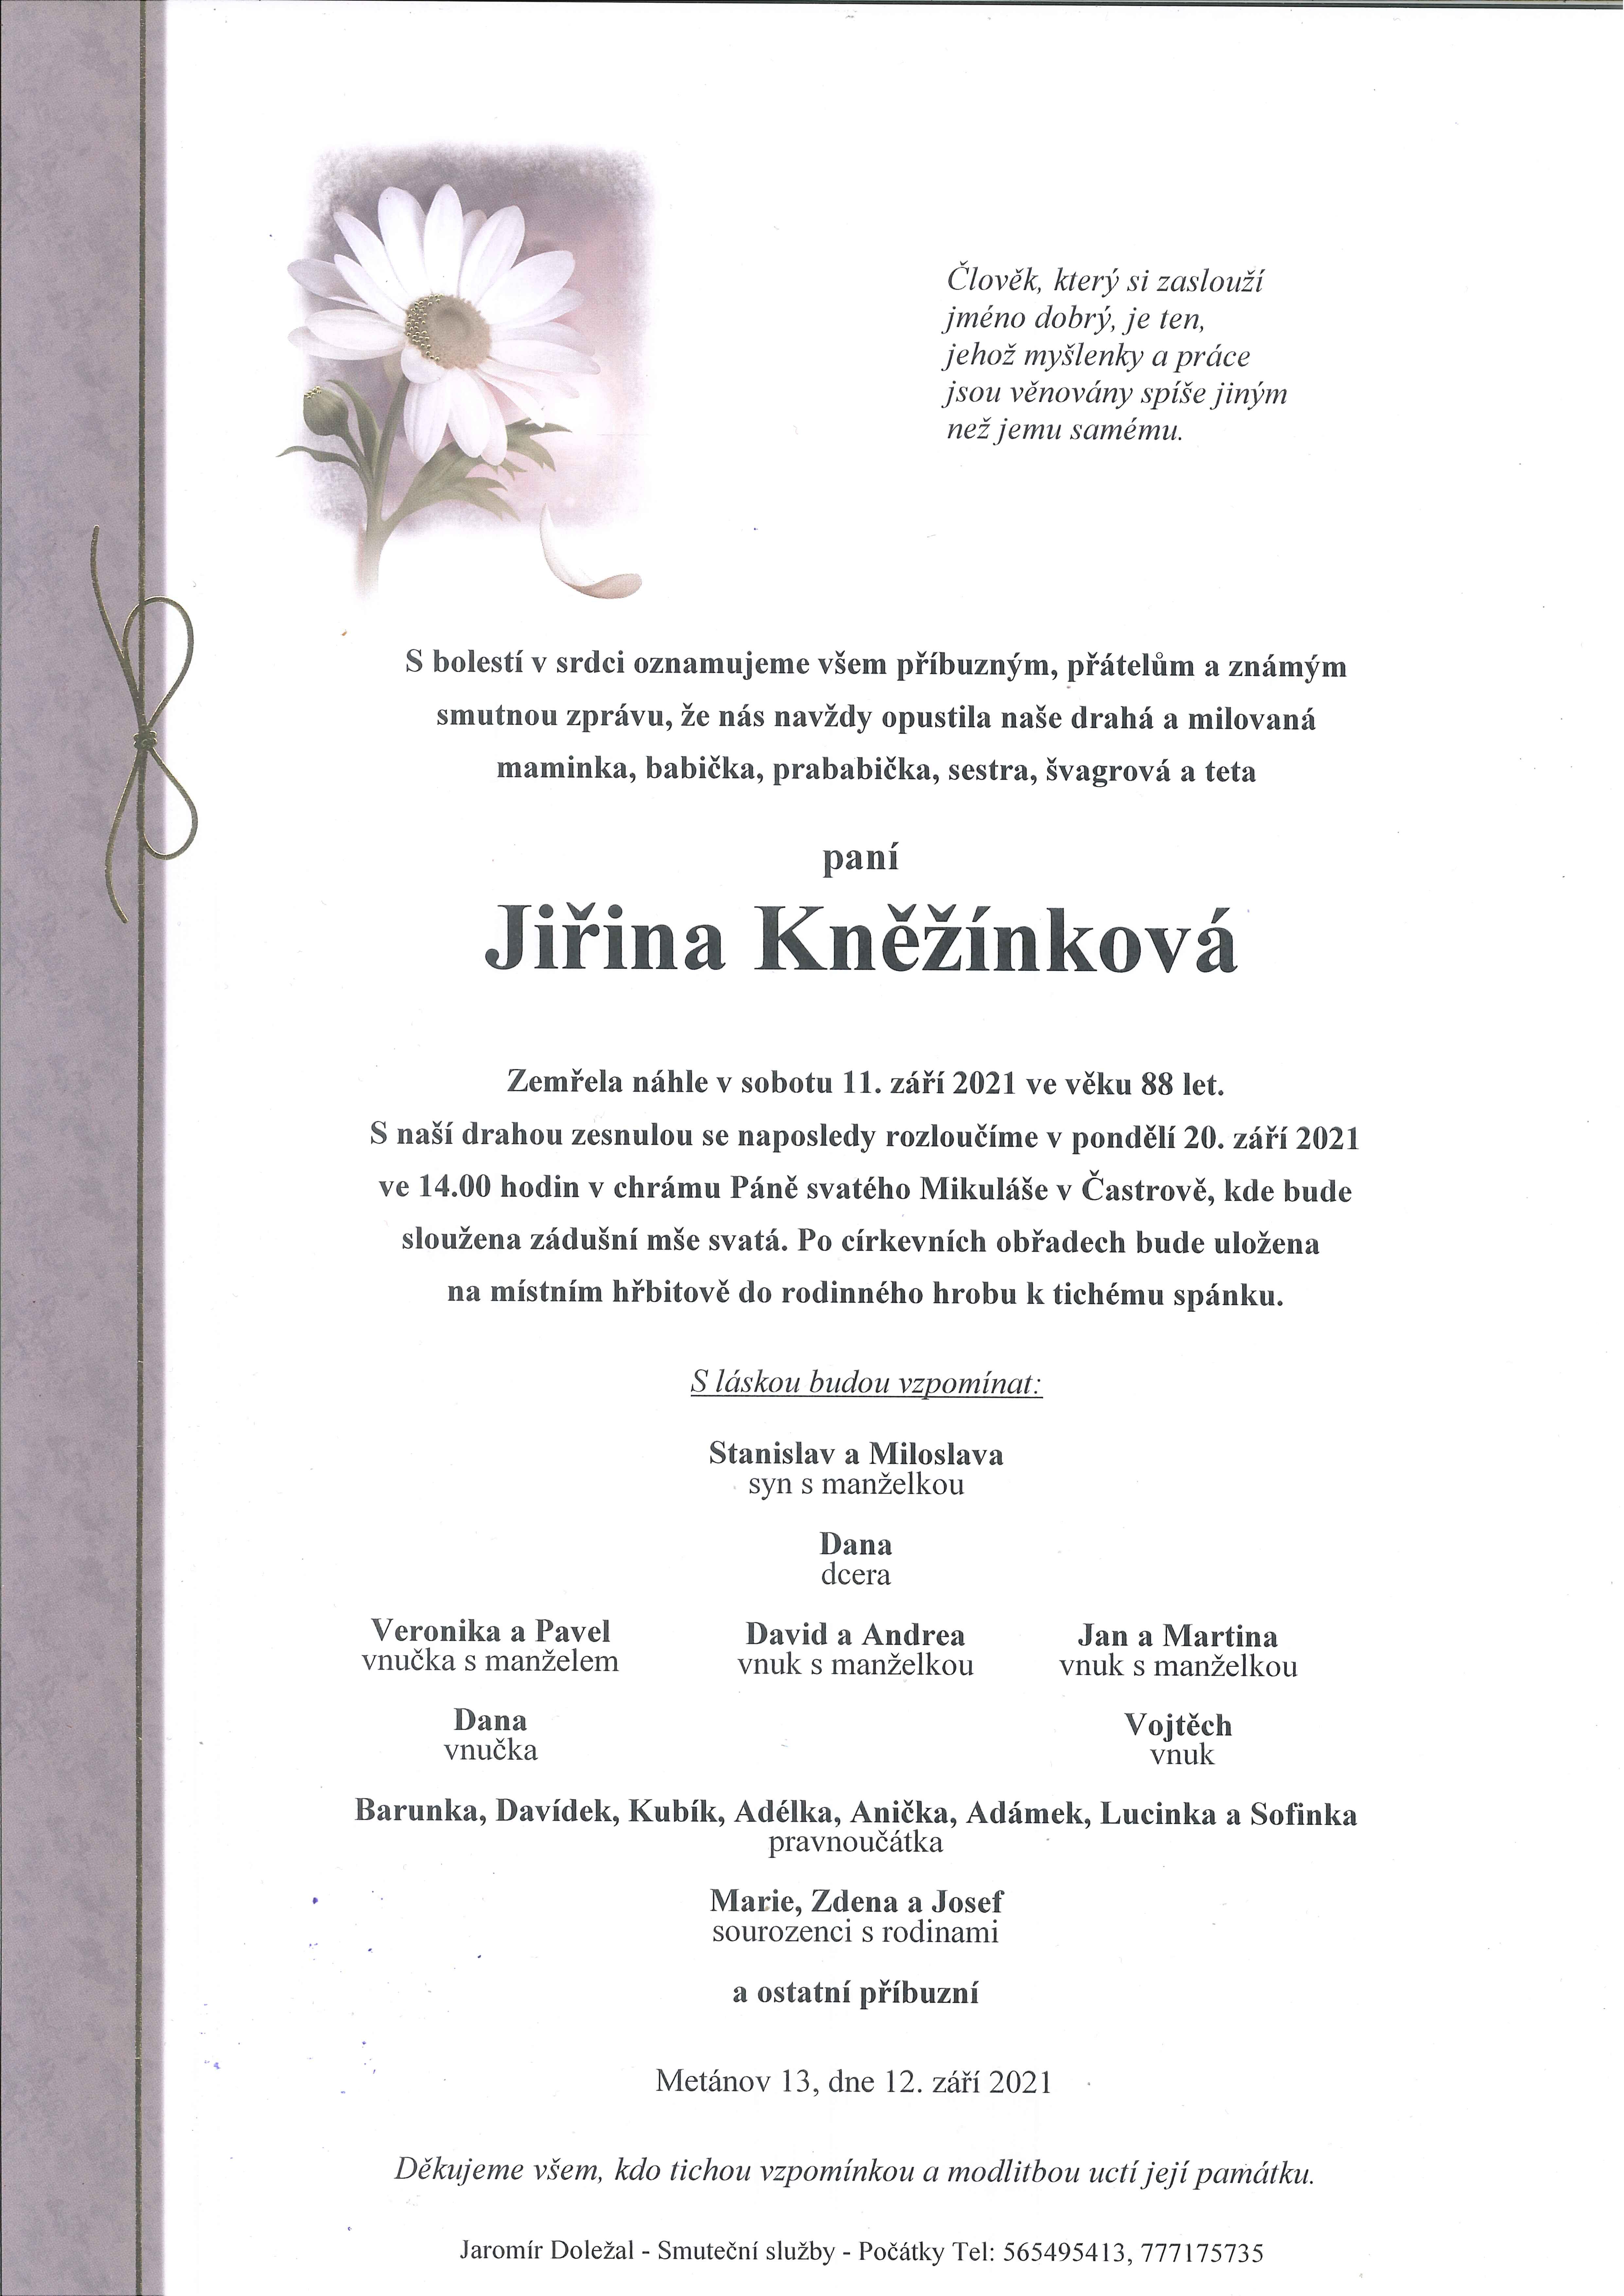 Jiřina Kněžínková